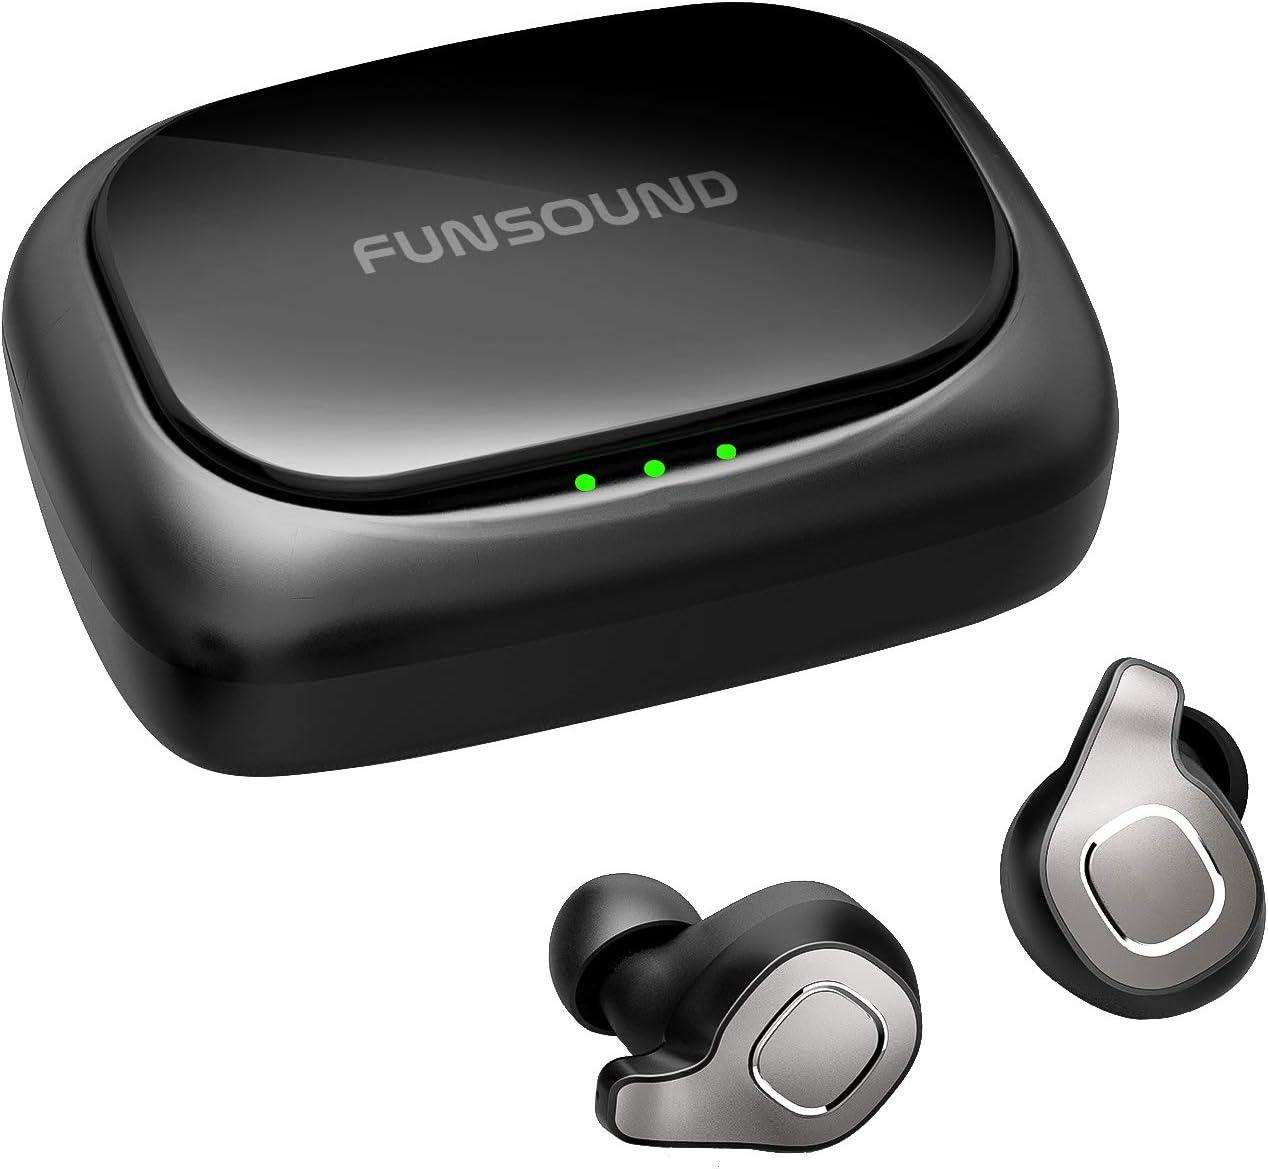 BRYWIN F8 True Wireless Earbuds Waterproof IPX7 Bluetooth Earbuds Wireless Headphones Bluetooth Headphones Noise Cancelling, TWS Wireless Earphones Bluetooth Wireless Headphones for iphone